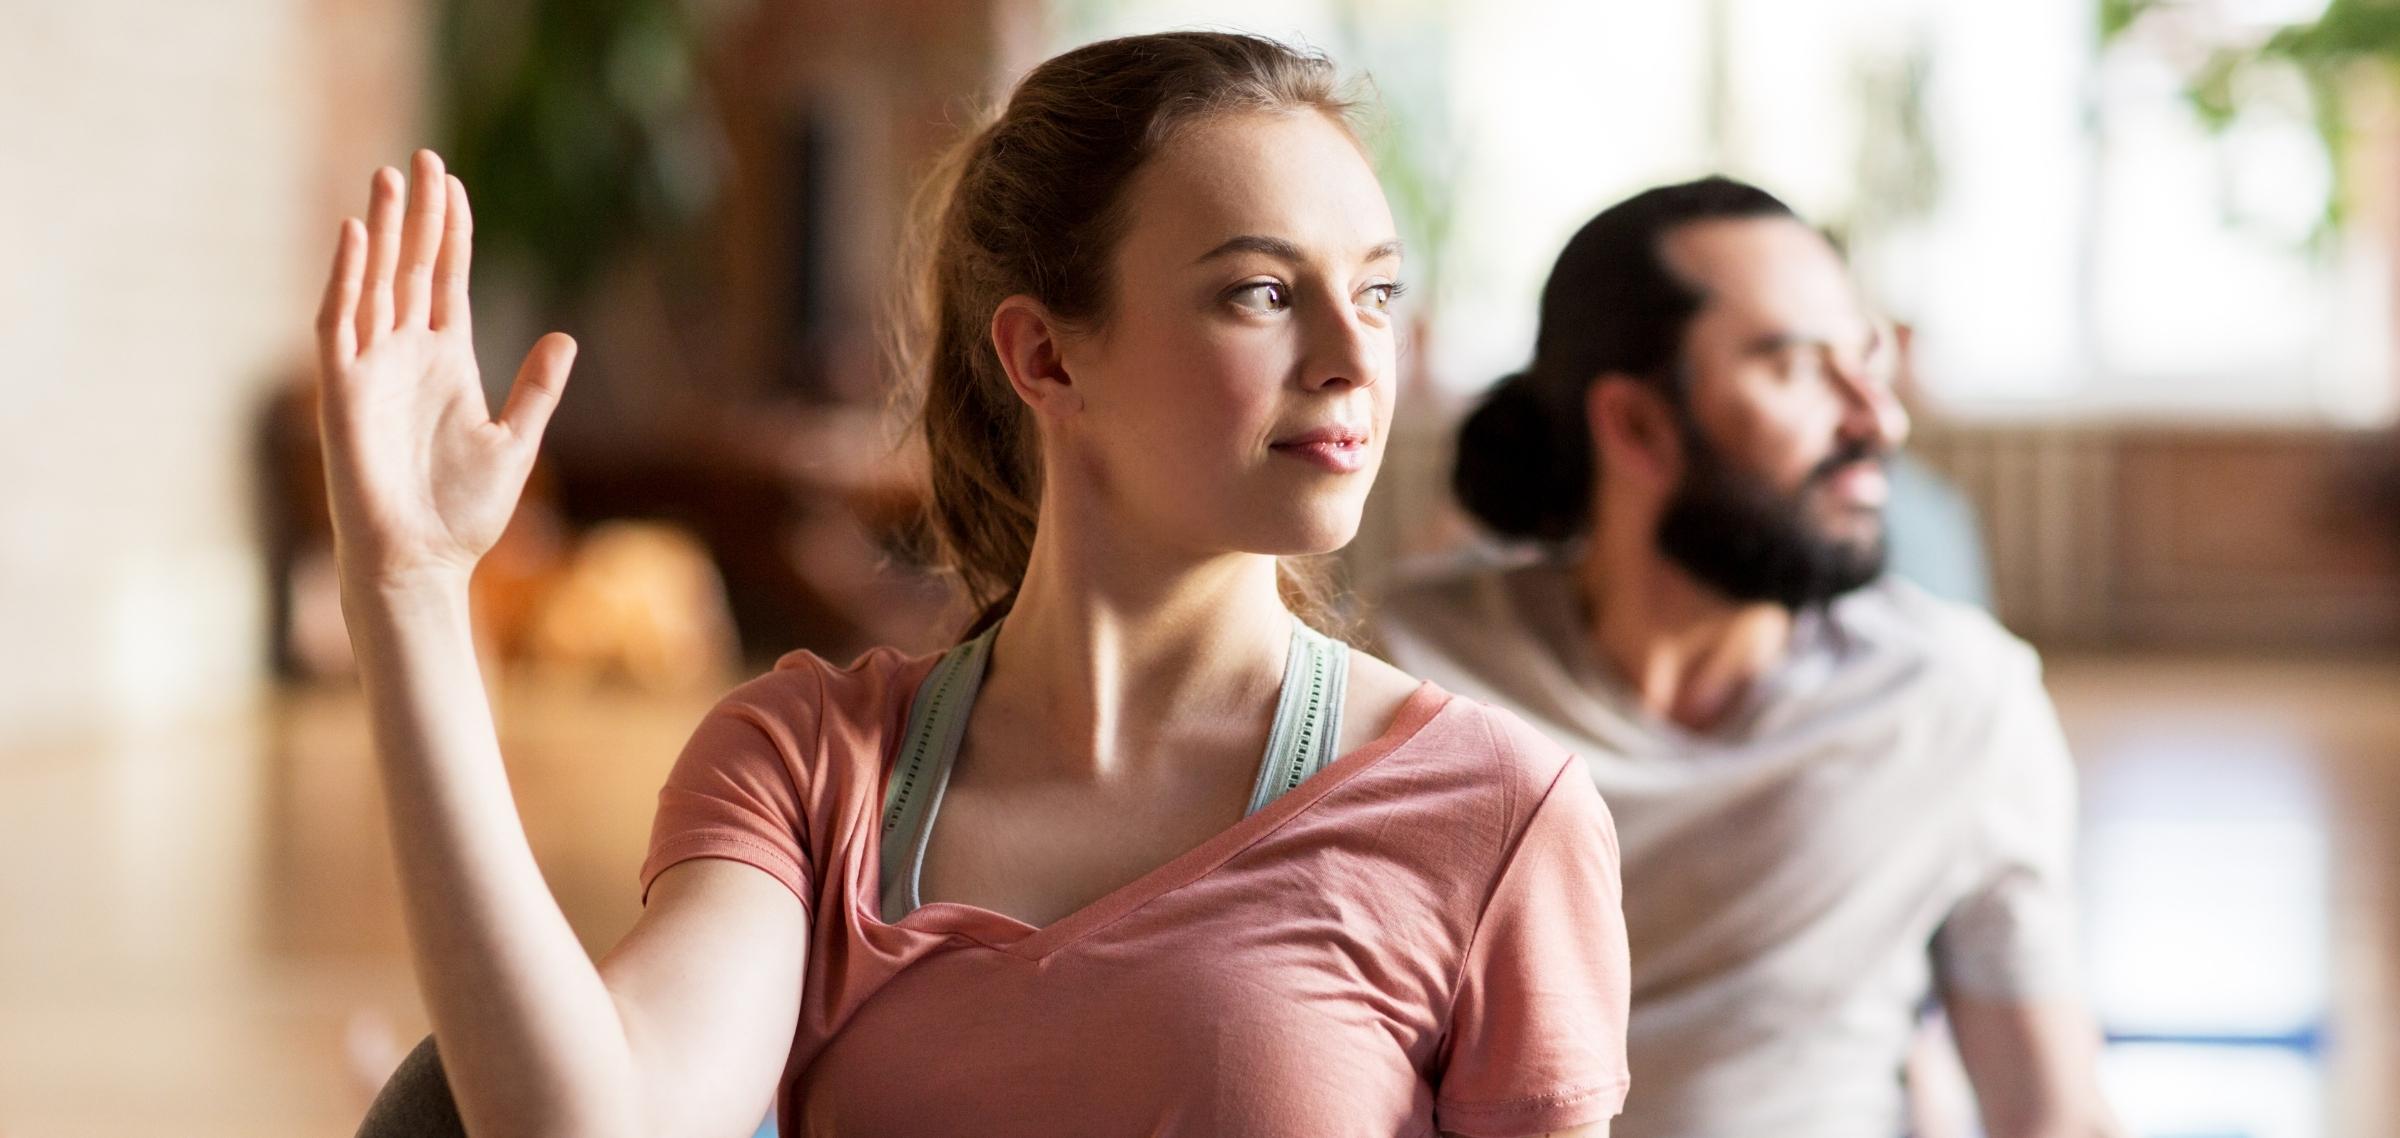 Frau in einem Yoga Studio, die sich fragt, wie viel ein Yogalehrer Gehalt ist